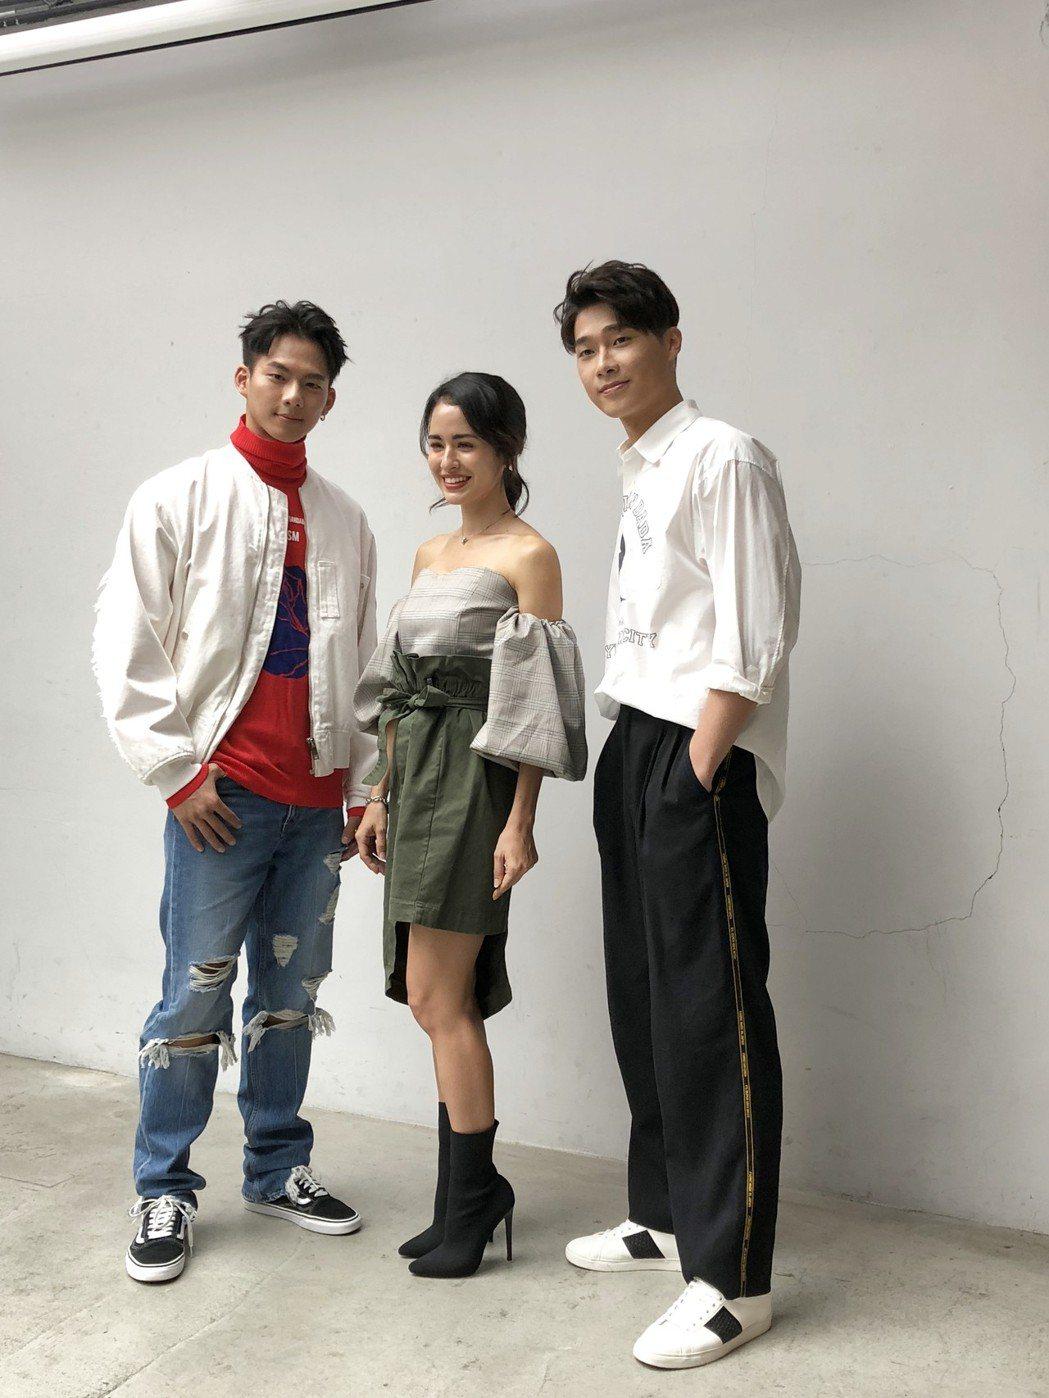 吳念軒(左起)、雷艾美、宋緯恩出身於「華流之星」。記者林士傑/攝影